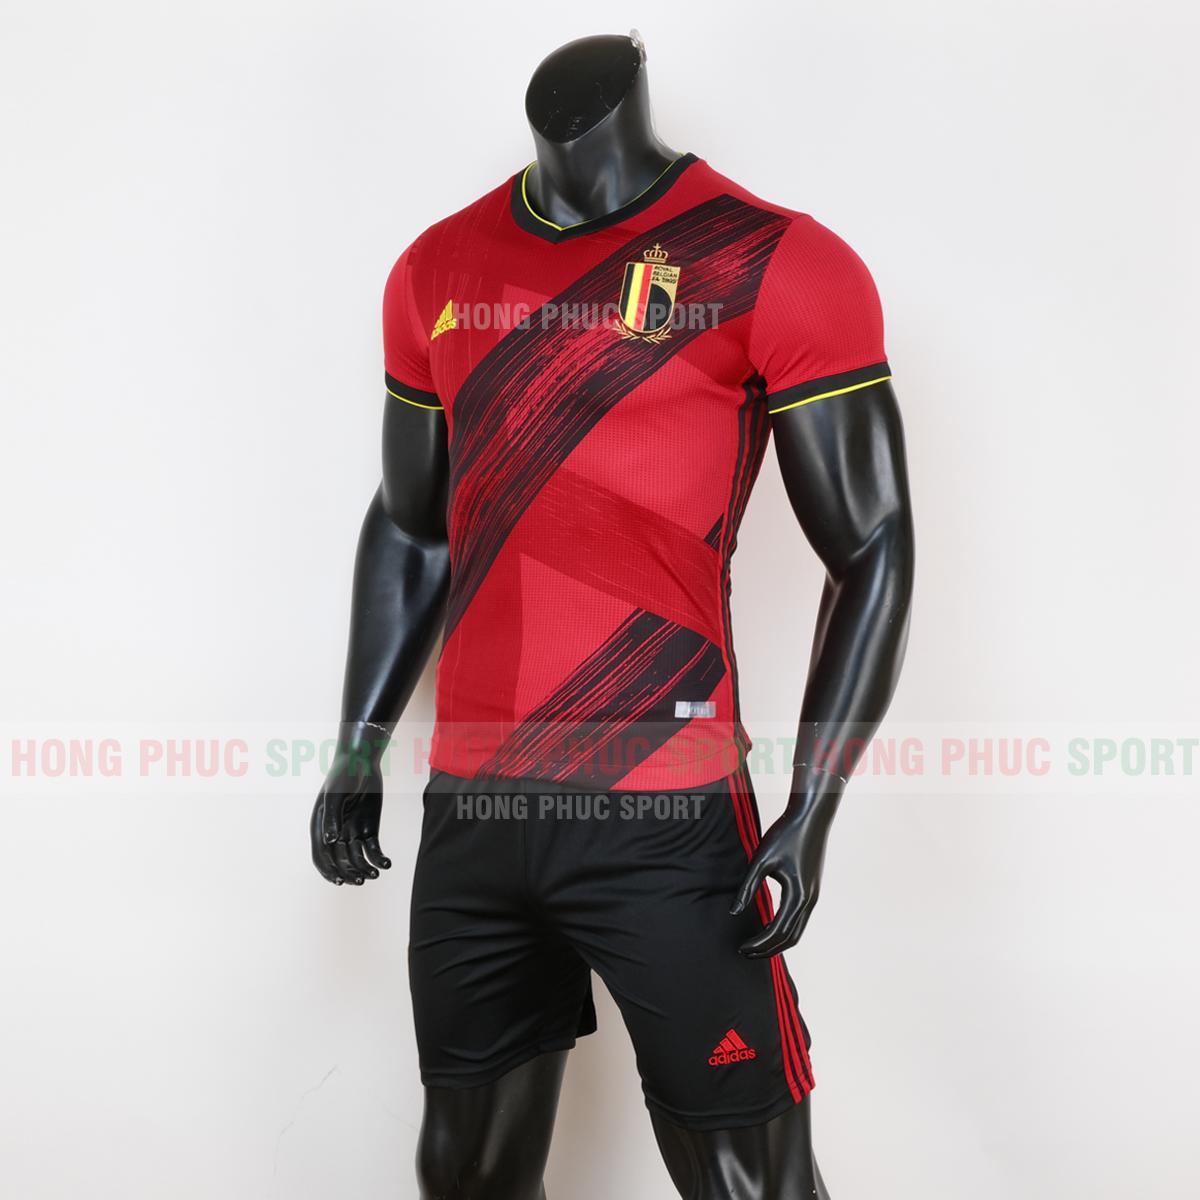 https://cdn.hongphucsport.com/unsafe/cdn.hongphucsport.com/dothethao.net.vn/wp-content/uploads/2019/12/ao-bong-da-doi-tuyen-bi-san-nha-euro-2020-mau-do-5.png